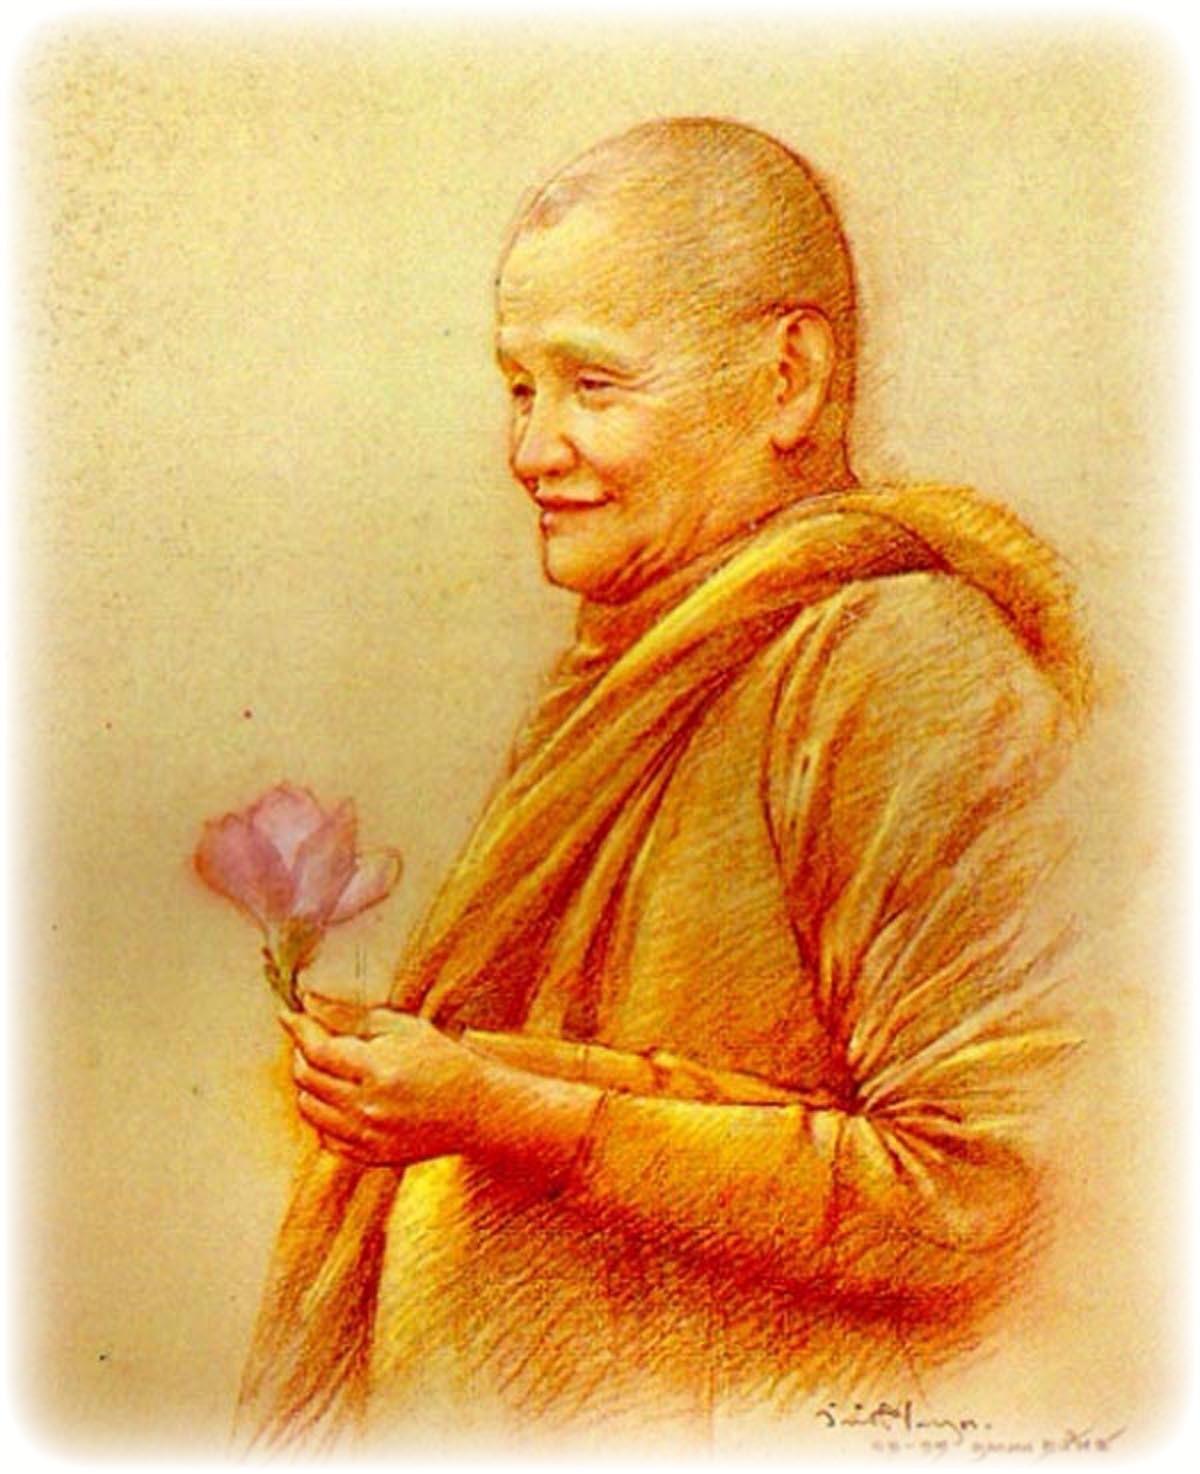 No Ajahn Chah - Free Download - Dhamma Teachings from Ajahn Chah (Ebook)